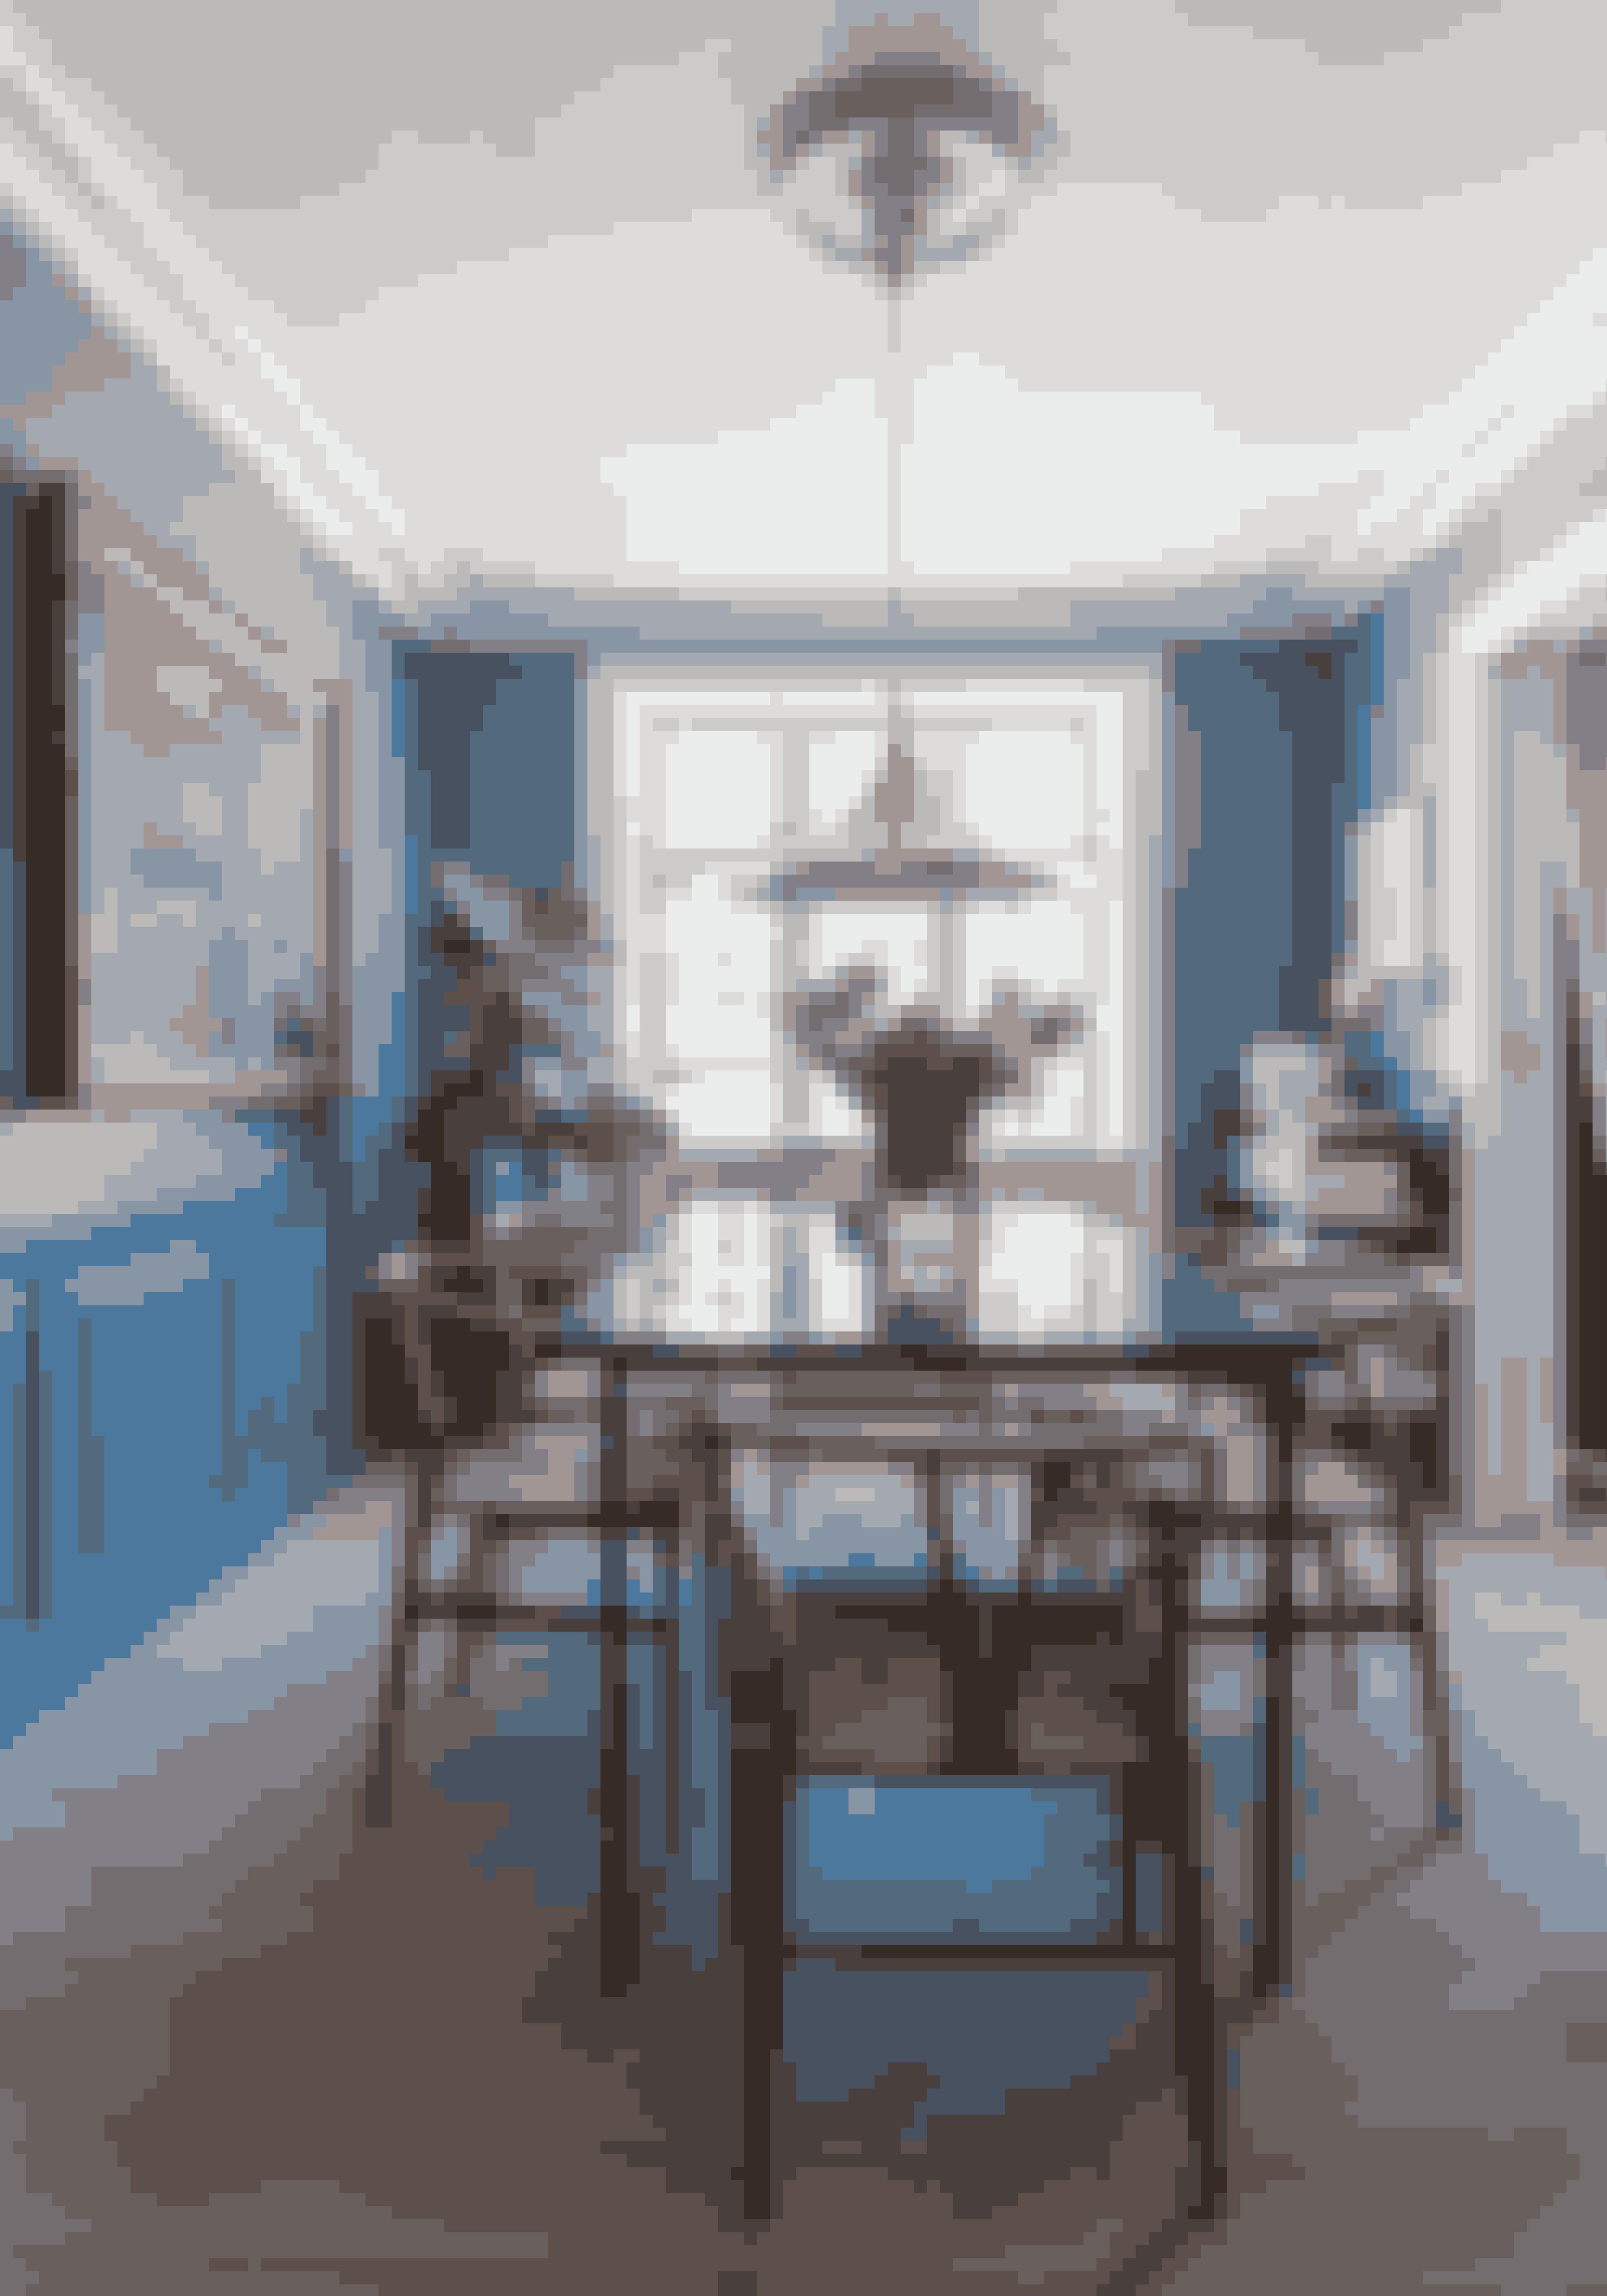 Bland gerne materialer, teksturer og farver. I spisestuen har koldt marmor, varmt træ, blanke metaller, grønne planter og farver på væggen slået pjalterne sammen i et lykkeligt ægteskab. Spisebordet har Julius selv designet.